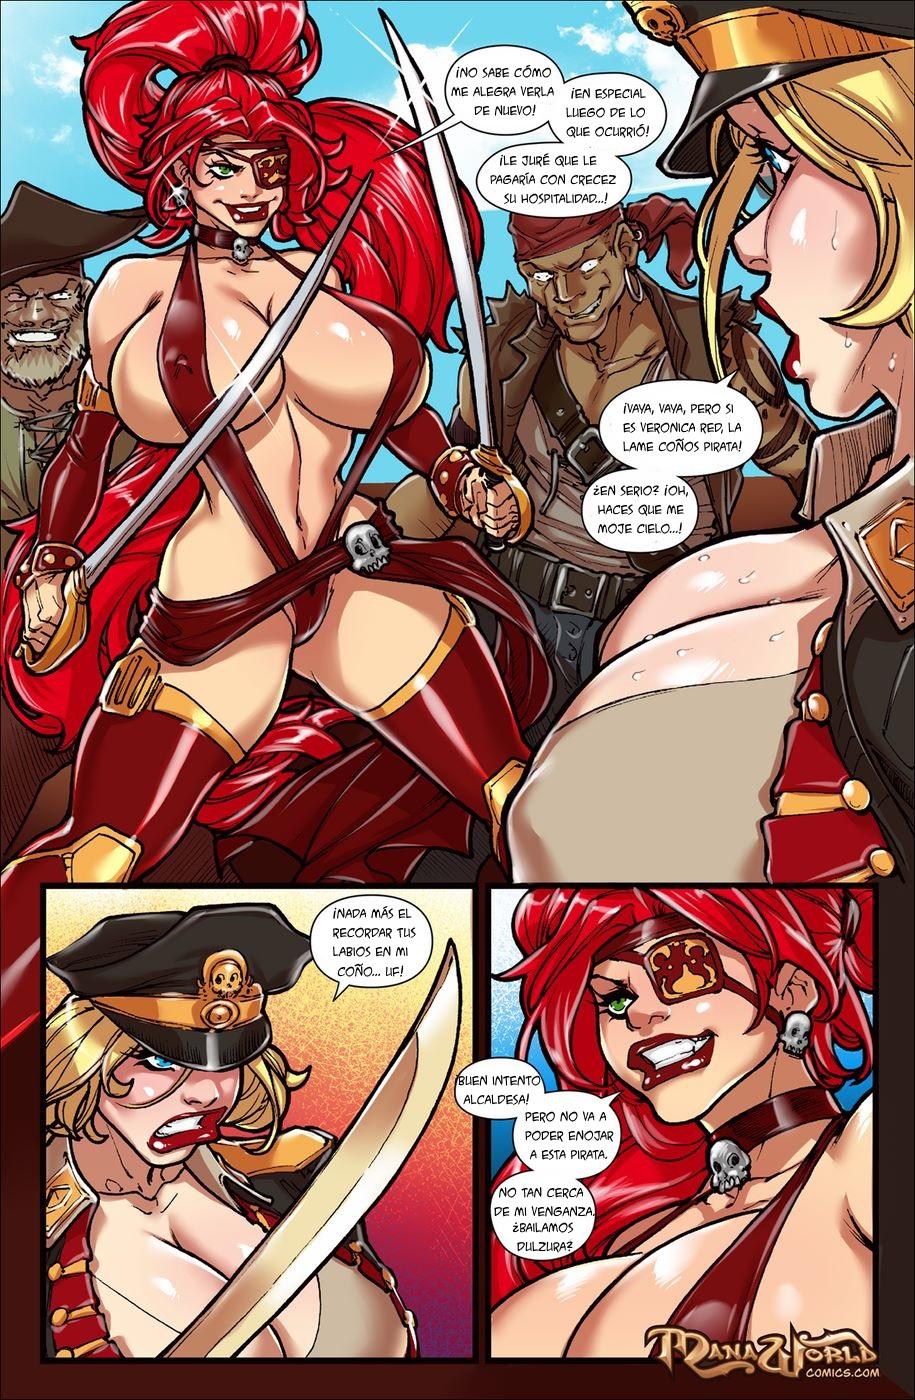 Alcaldesa Follando red's revenge – mana world - comic porno - ver comic porno